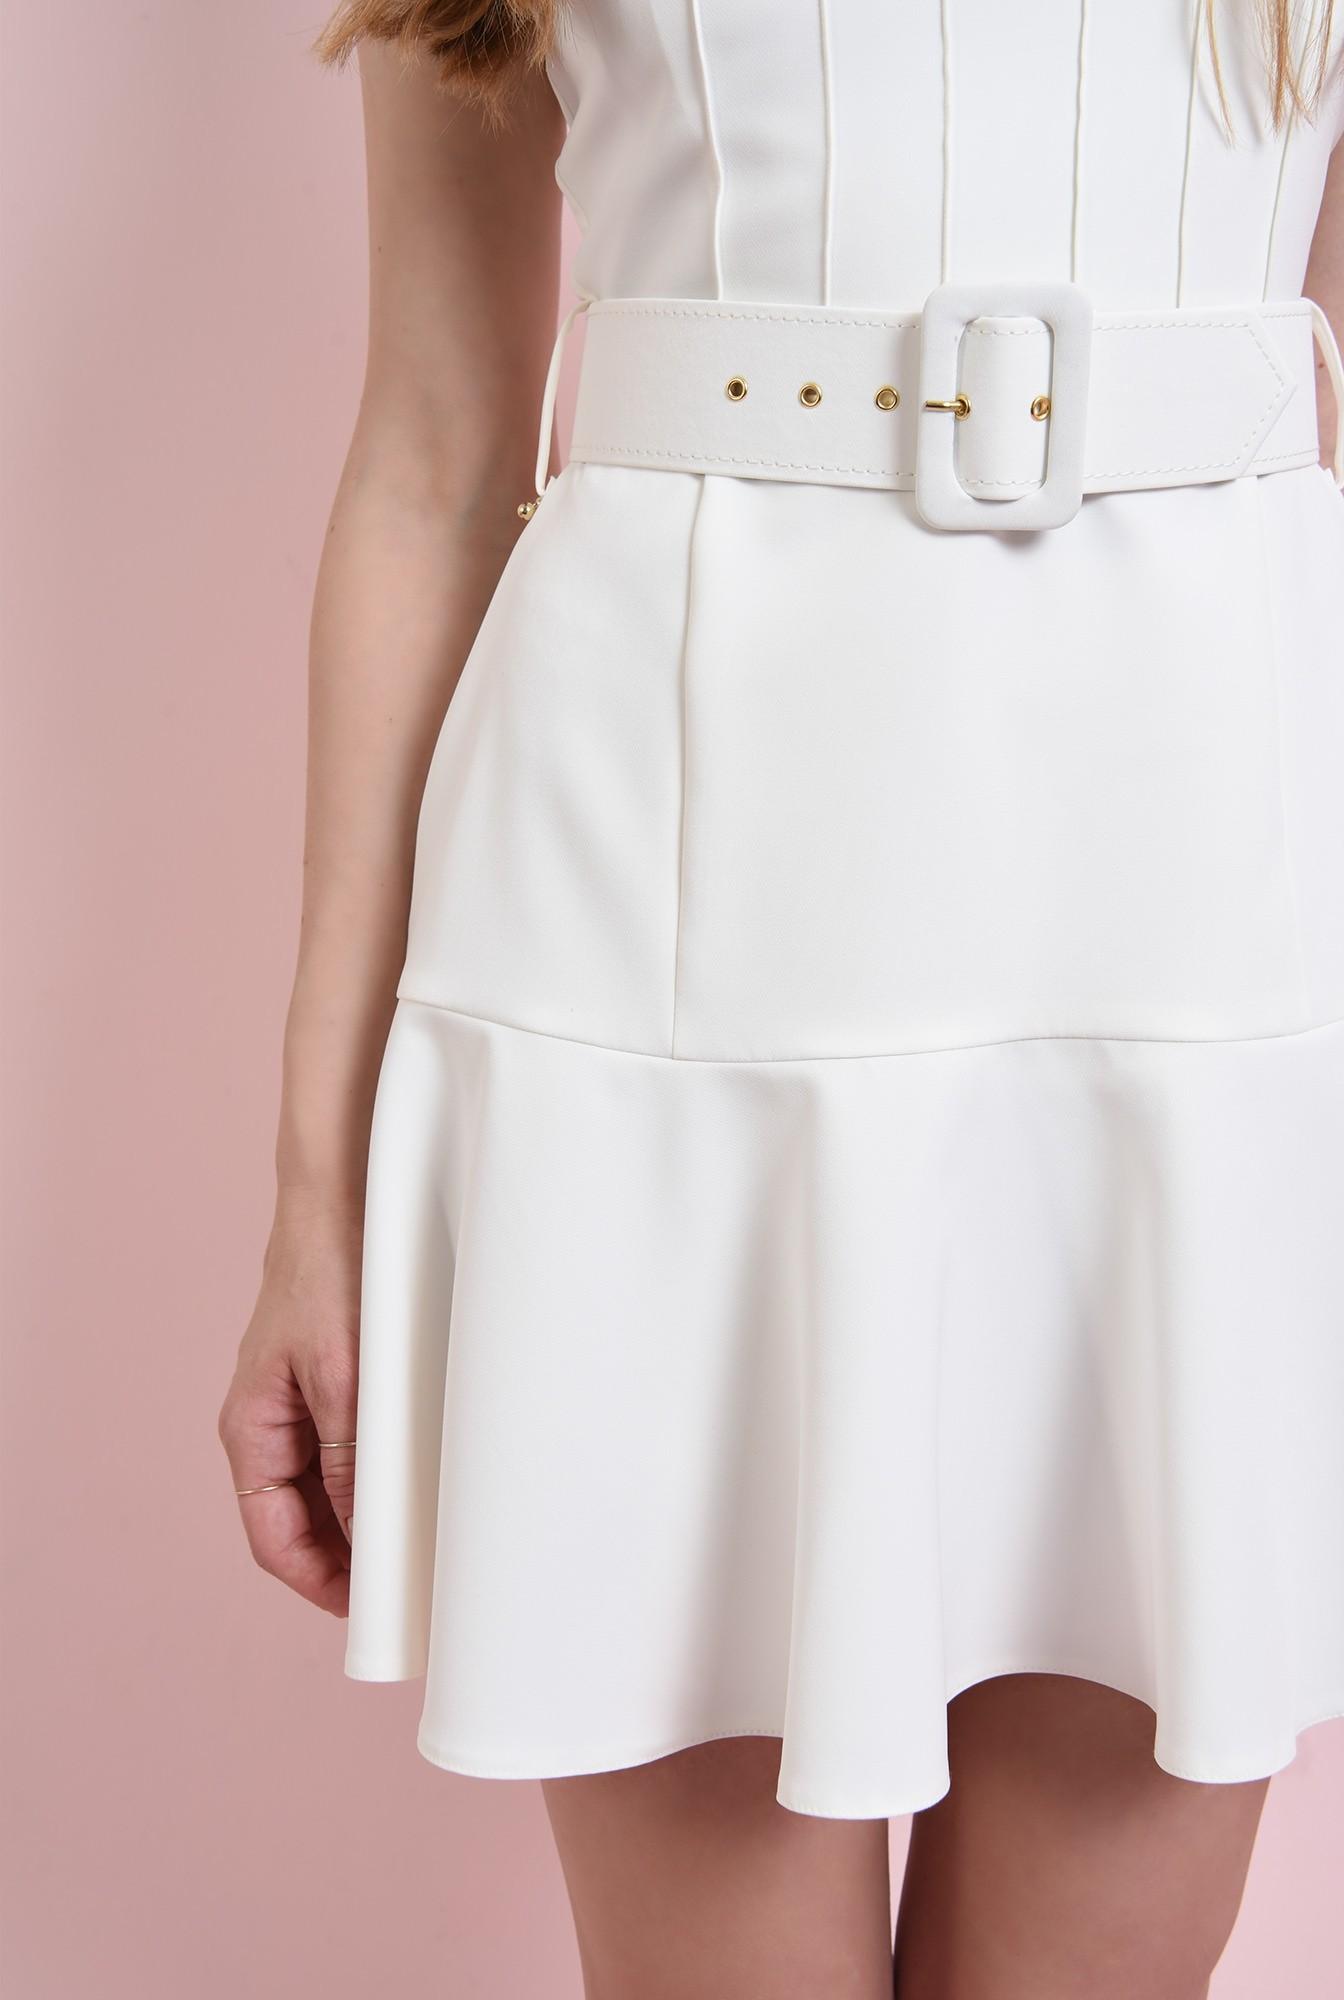 2 - rochie alba, evazata, scurta